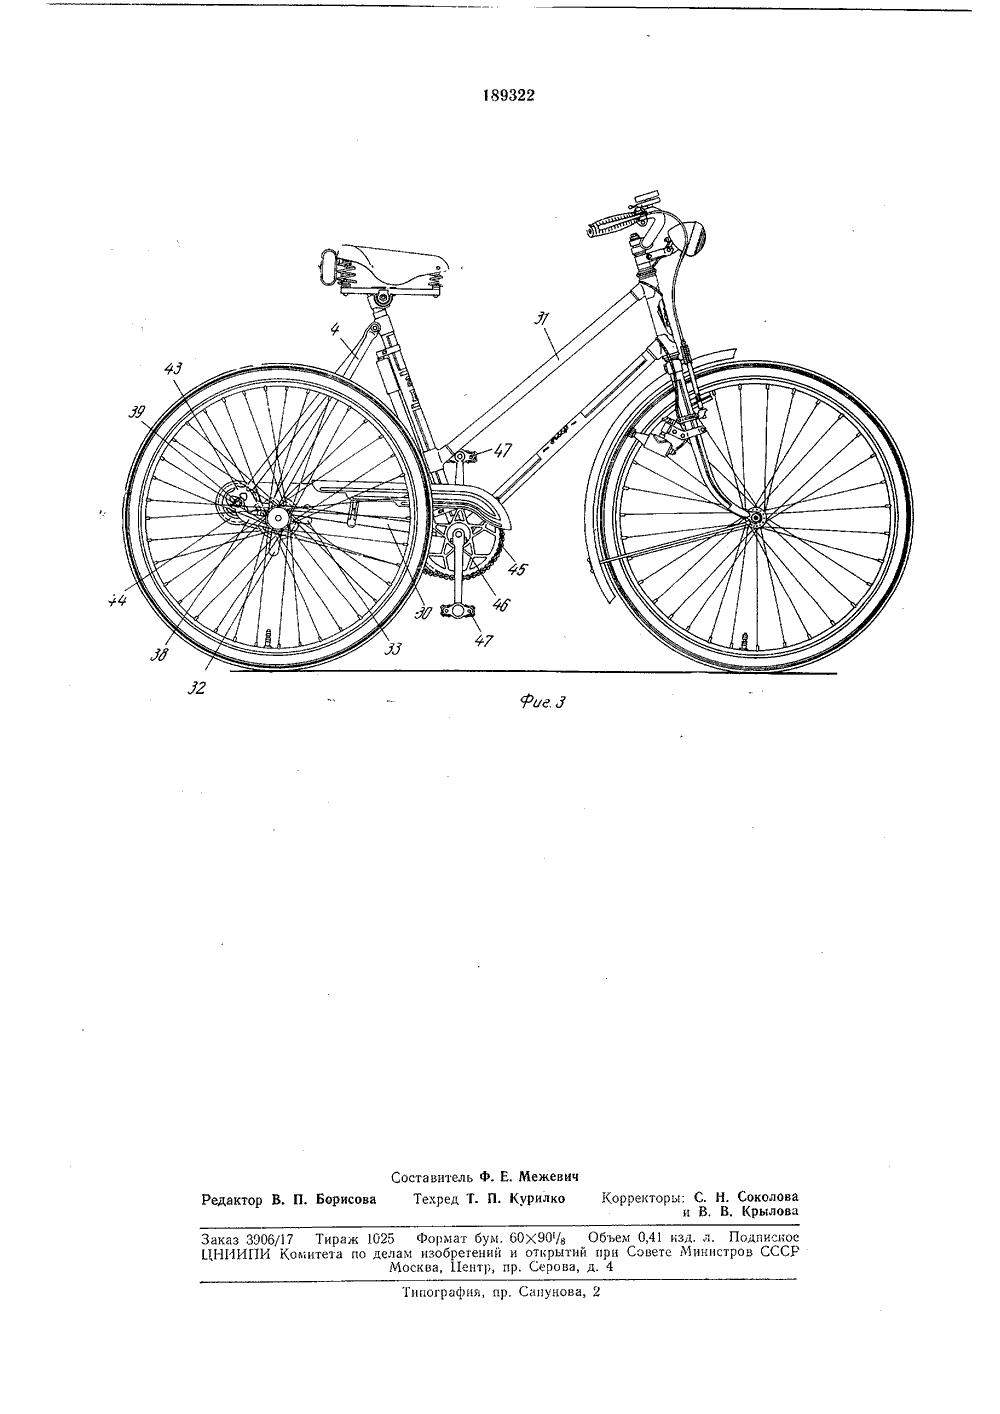 схема заднего моста велосипеда